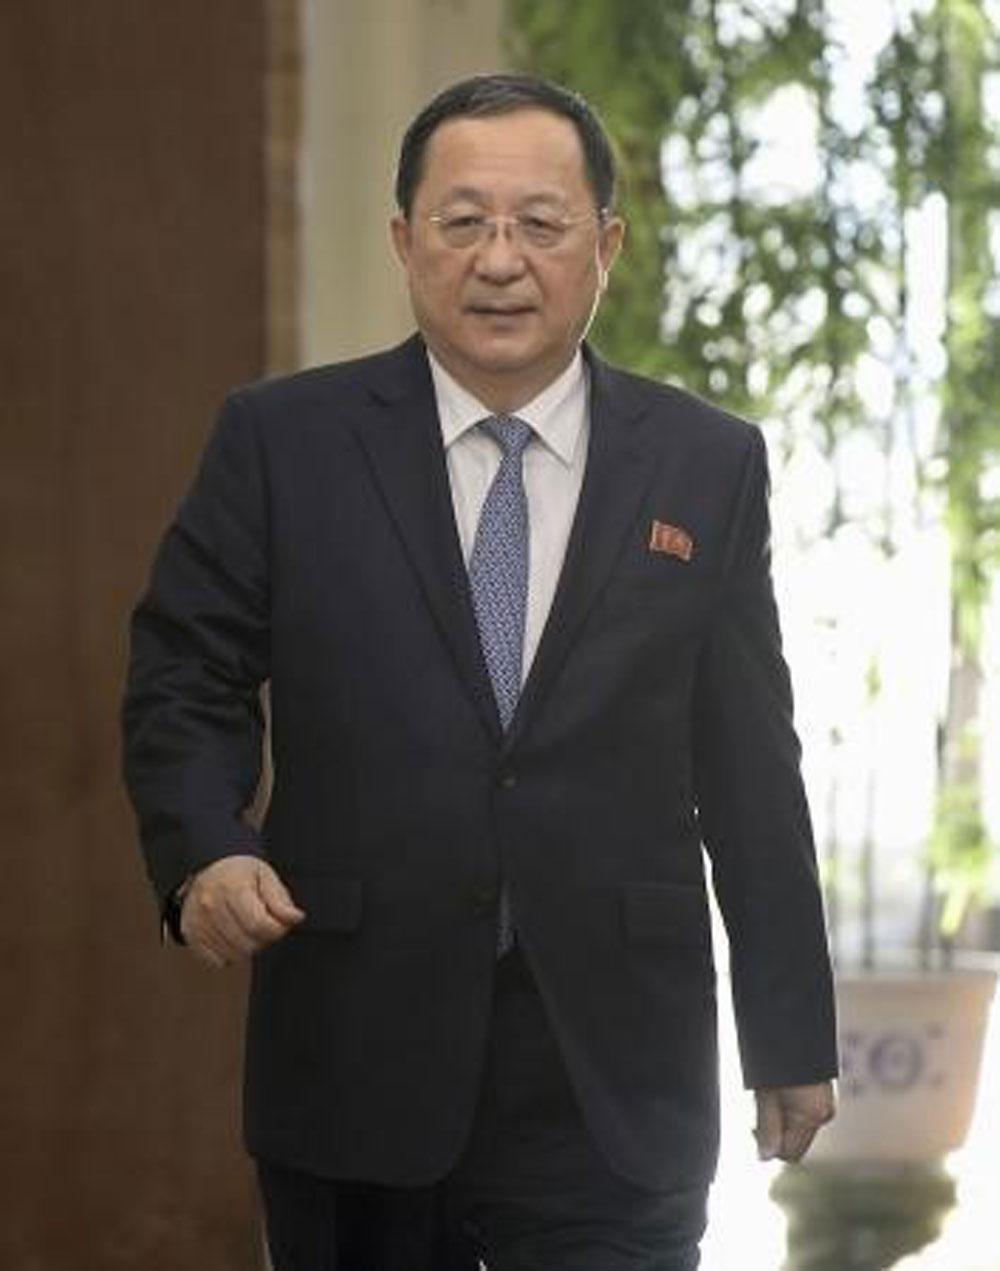 Triều Tiên, cảnh báo, có thể, khôi phục, kho vũ khí hạt nhân, Mỹ, không dỡ bỏ, các lệnh trừng phạt